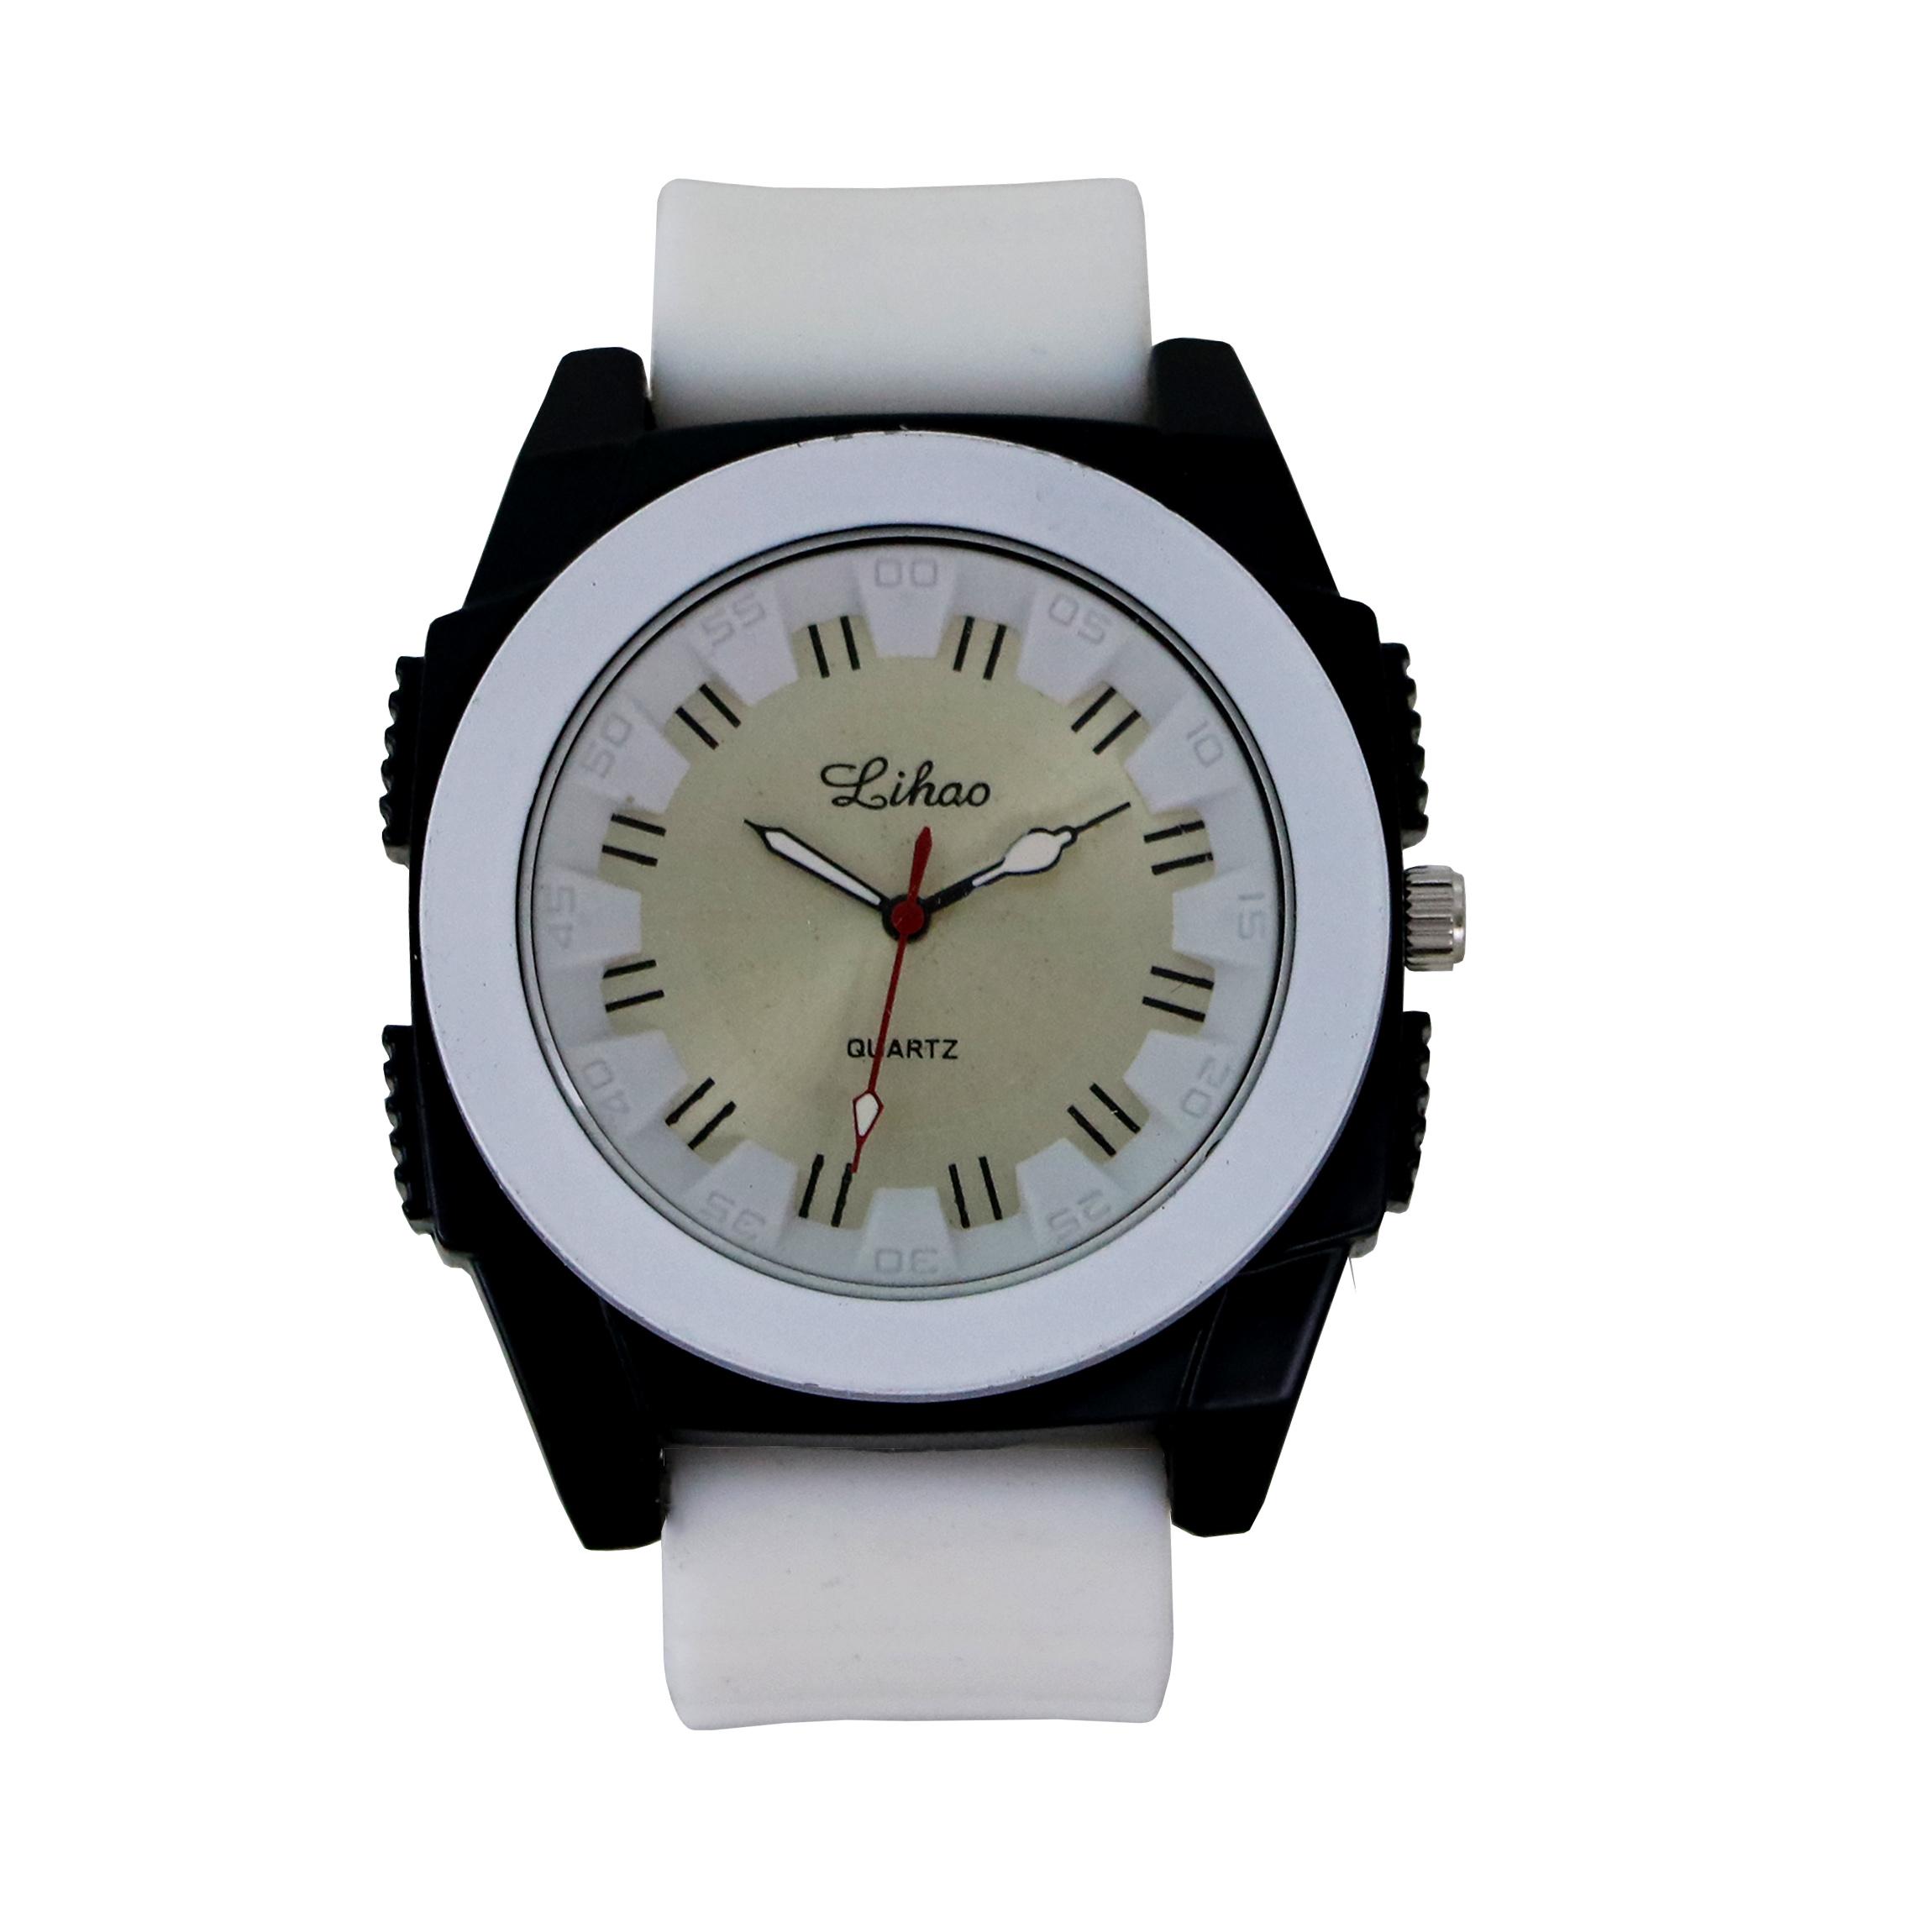 ساعت مچی عقربه ای مردانه لی هاو کد mw803              خرید (⭐️⭐️⭐️)